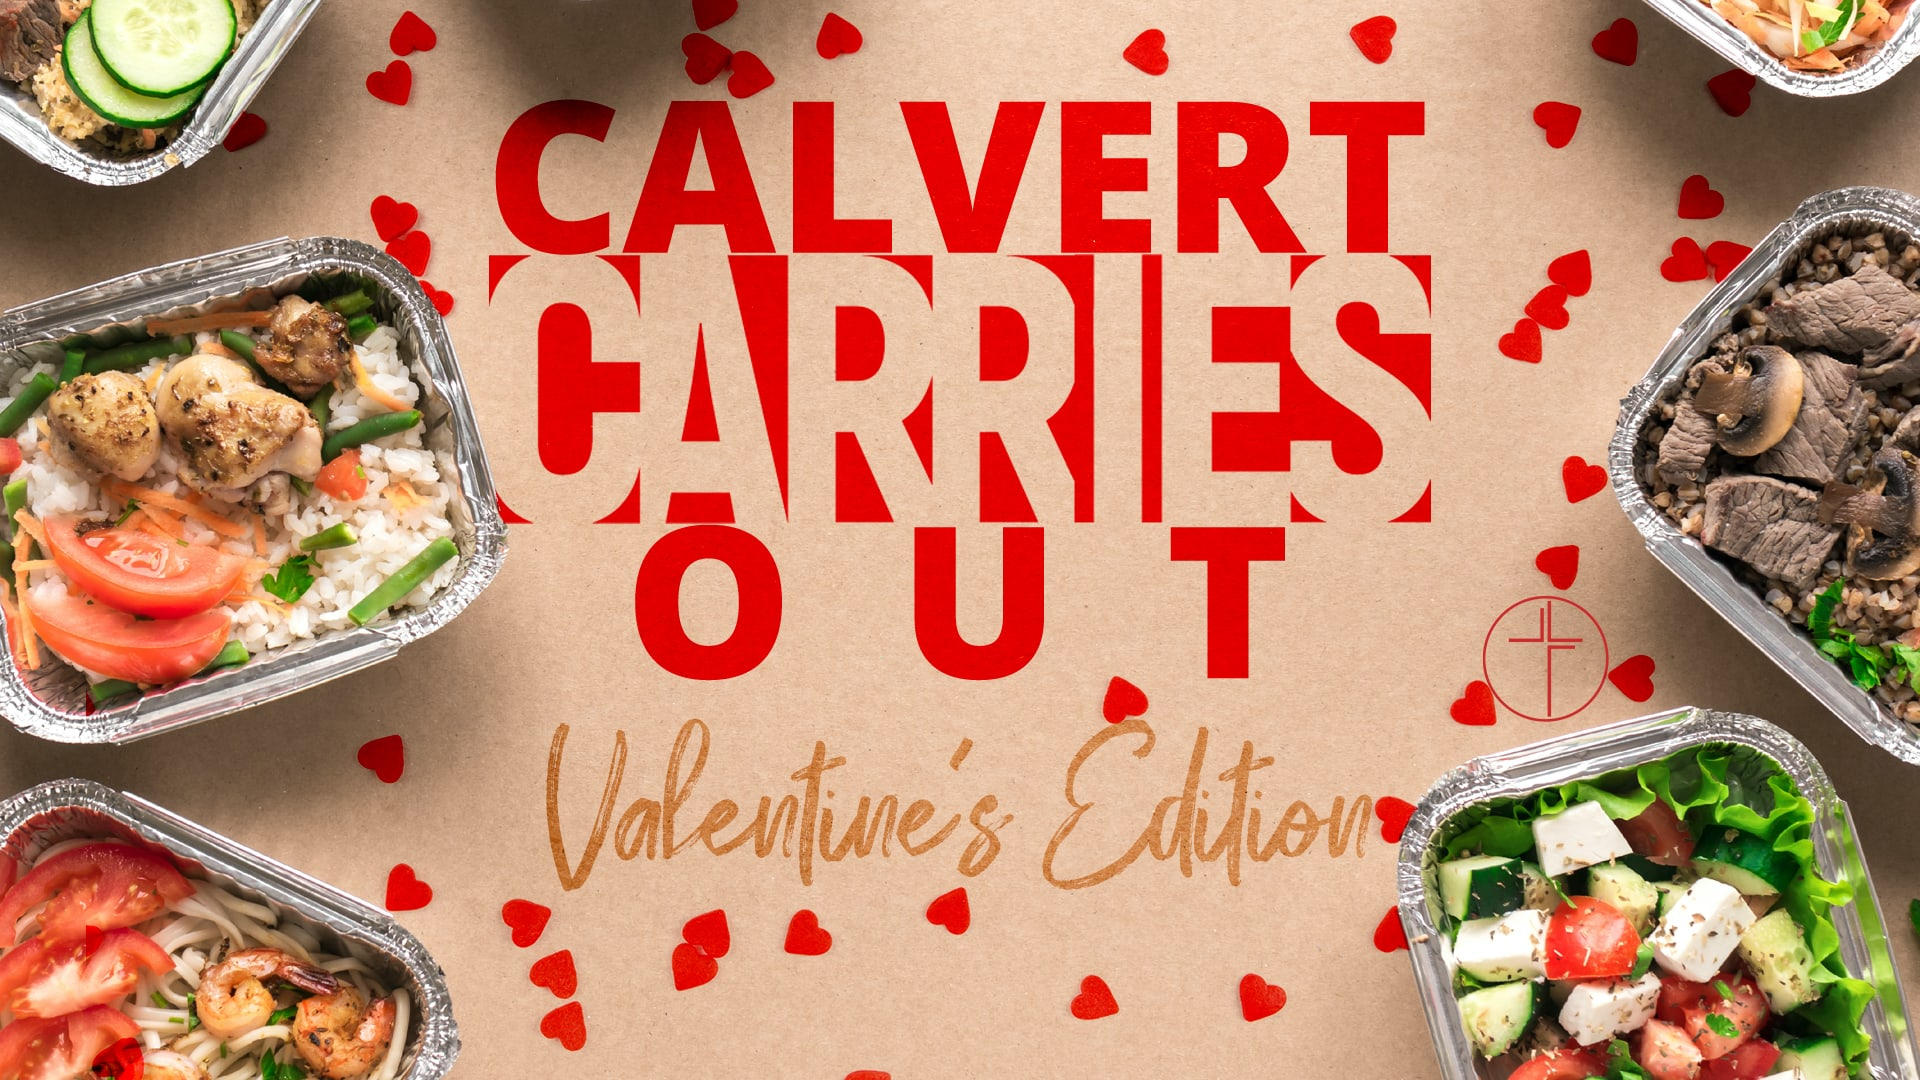 CalvertCarriesOut_Valentine's Edition